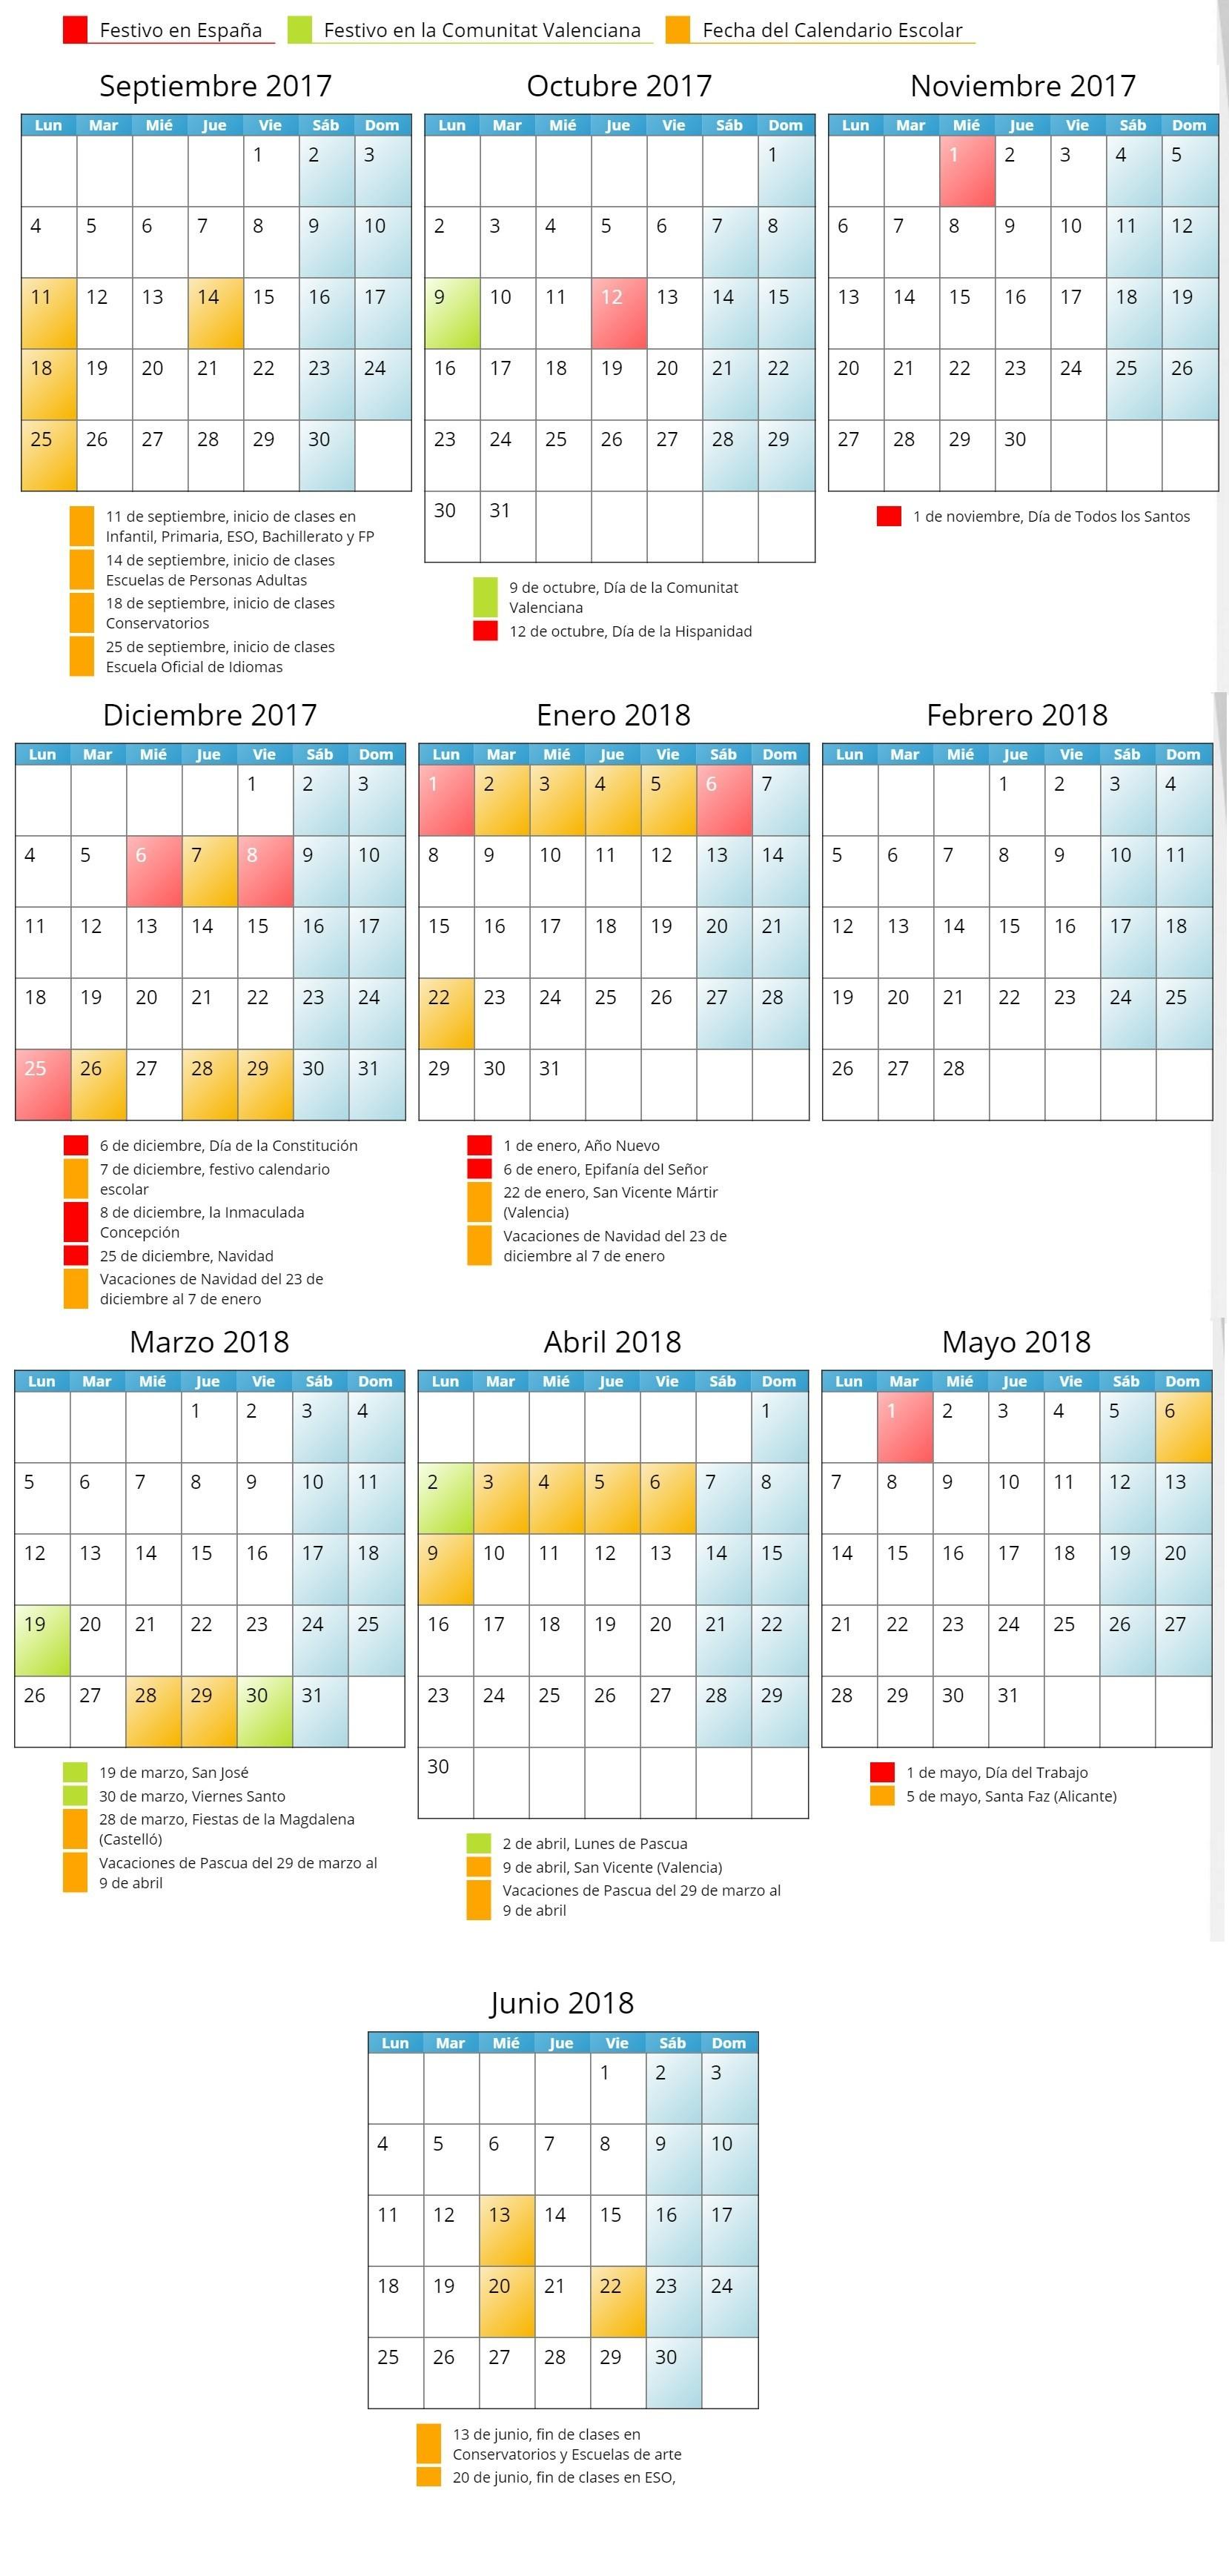 Calendario 2019 Con Festivos Comunidad Valenciana Más Recientes Calendario Escolar 2017 2018 En La Unitat Valenciana Of Calendario 2019 Con Festivos Comunidad Valenciana Más Populares Inicio Ayuntamiento De aspe